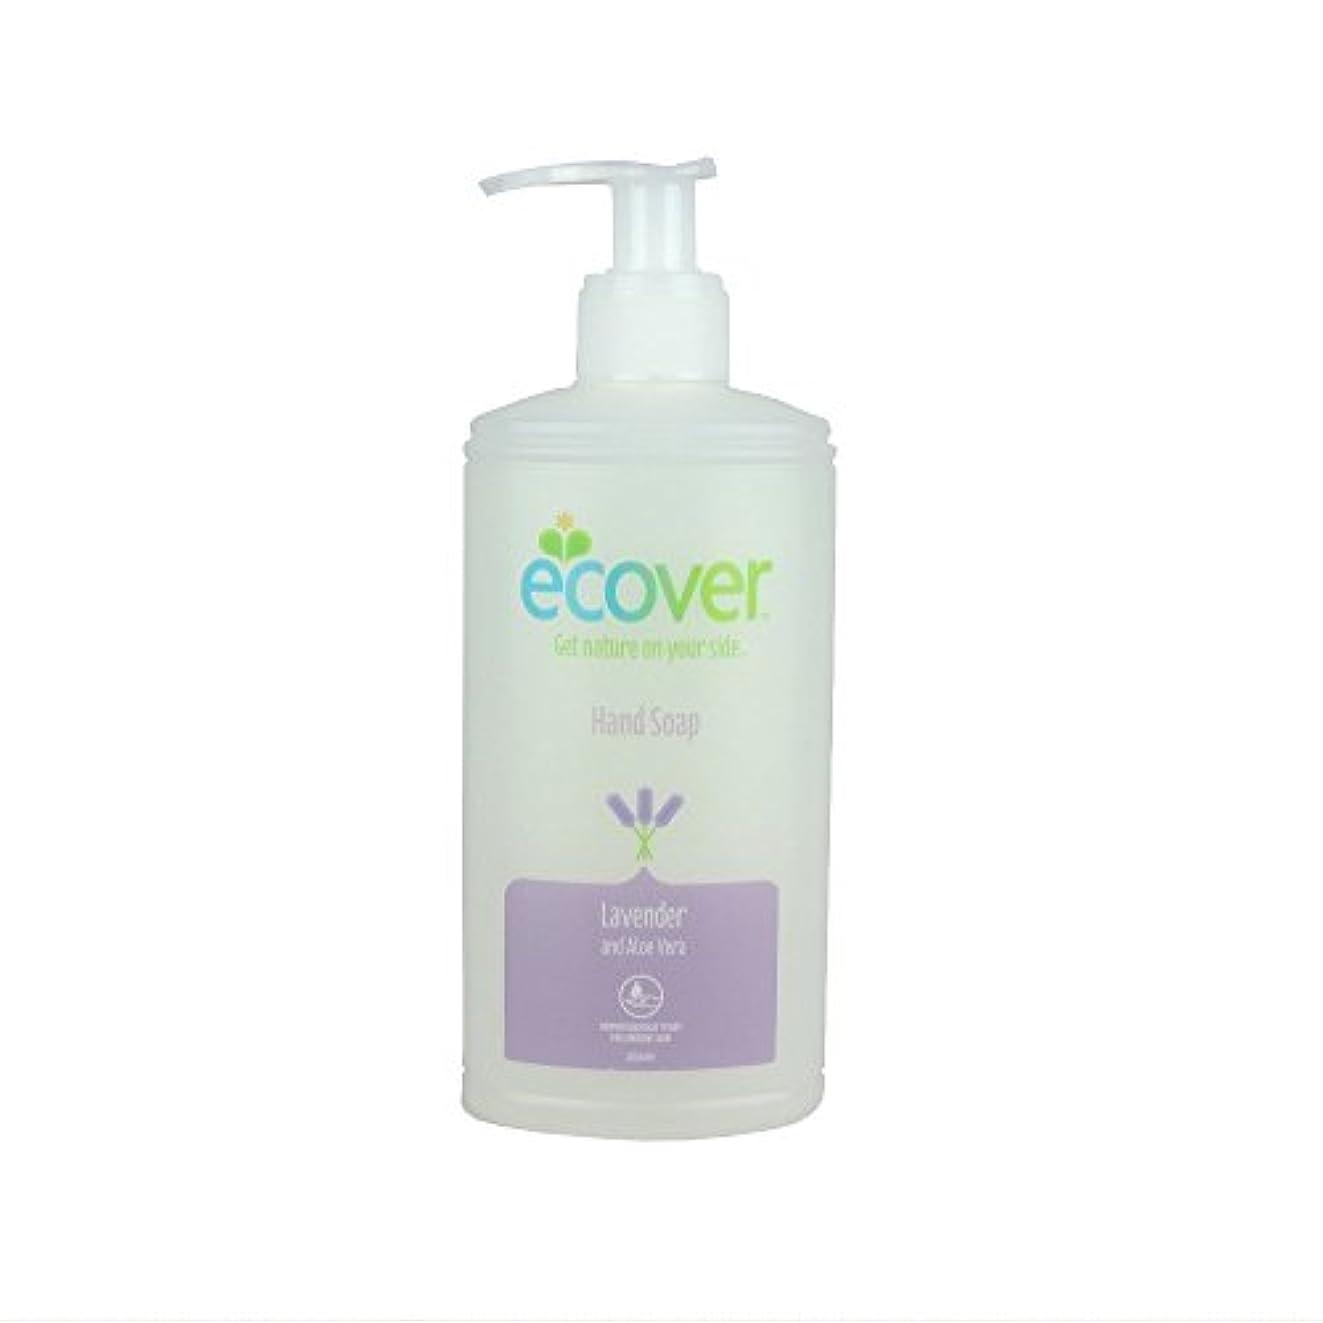 興奮するずっと整理するEcover Liquid Hand Soap Lavender & Aloe Vera (250ml) 液体ハンドソープラベンダーとアロエベラ( 250ミリリットル)をエコベール